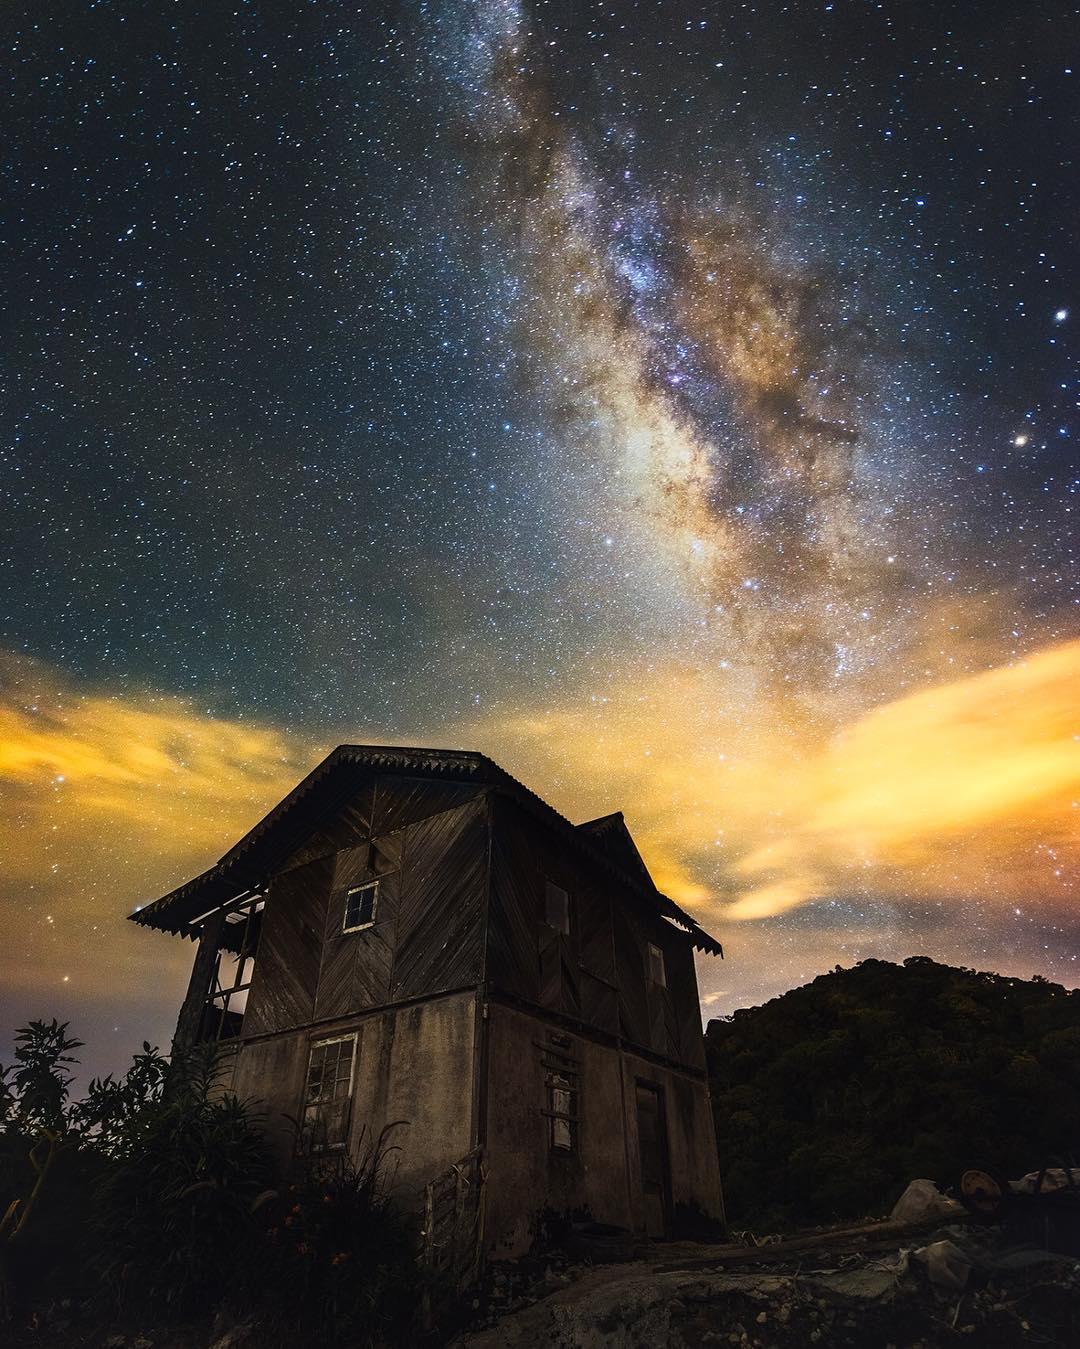 Захватывающие фотографии звездного неба